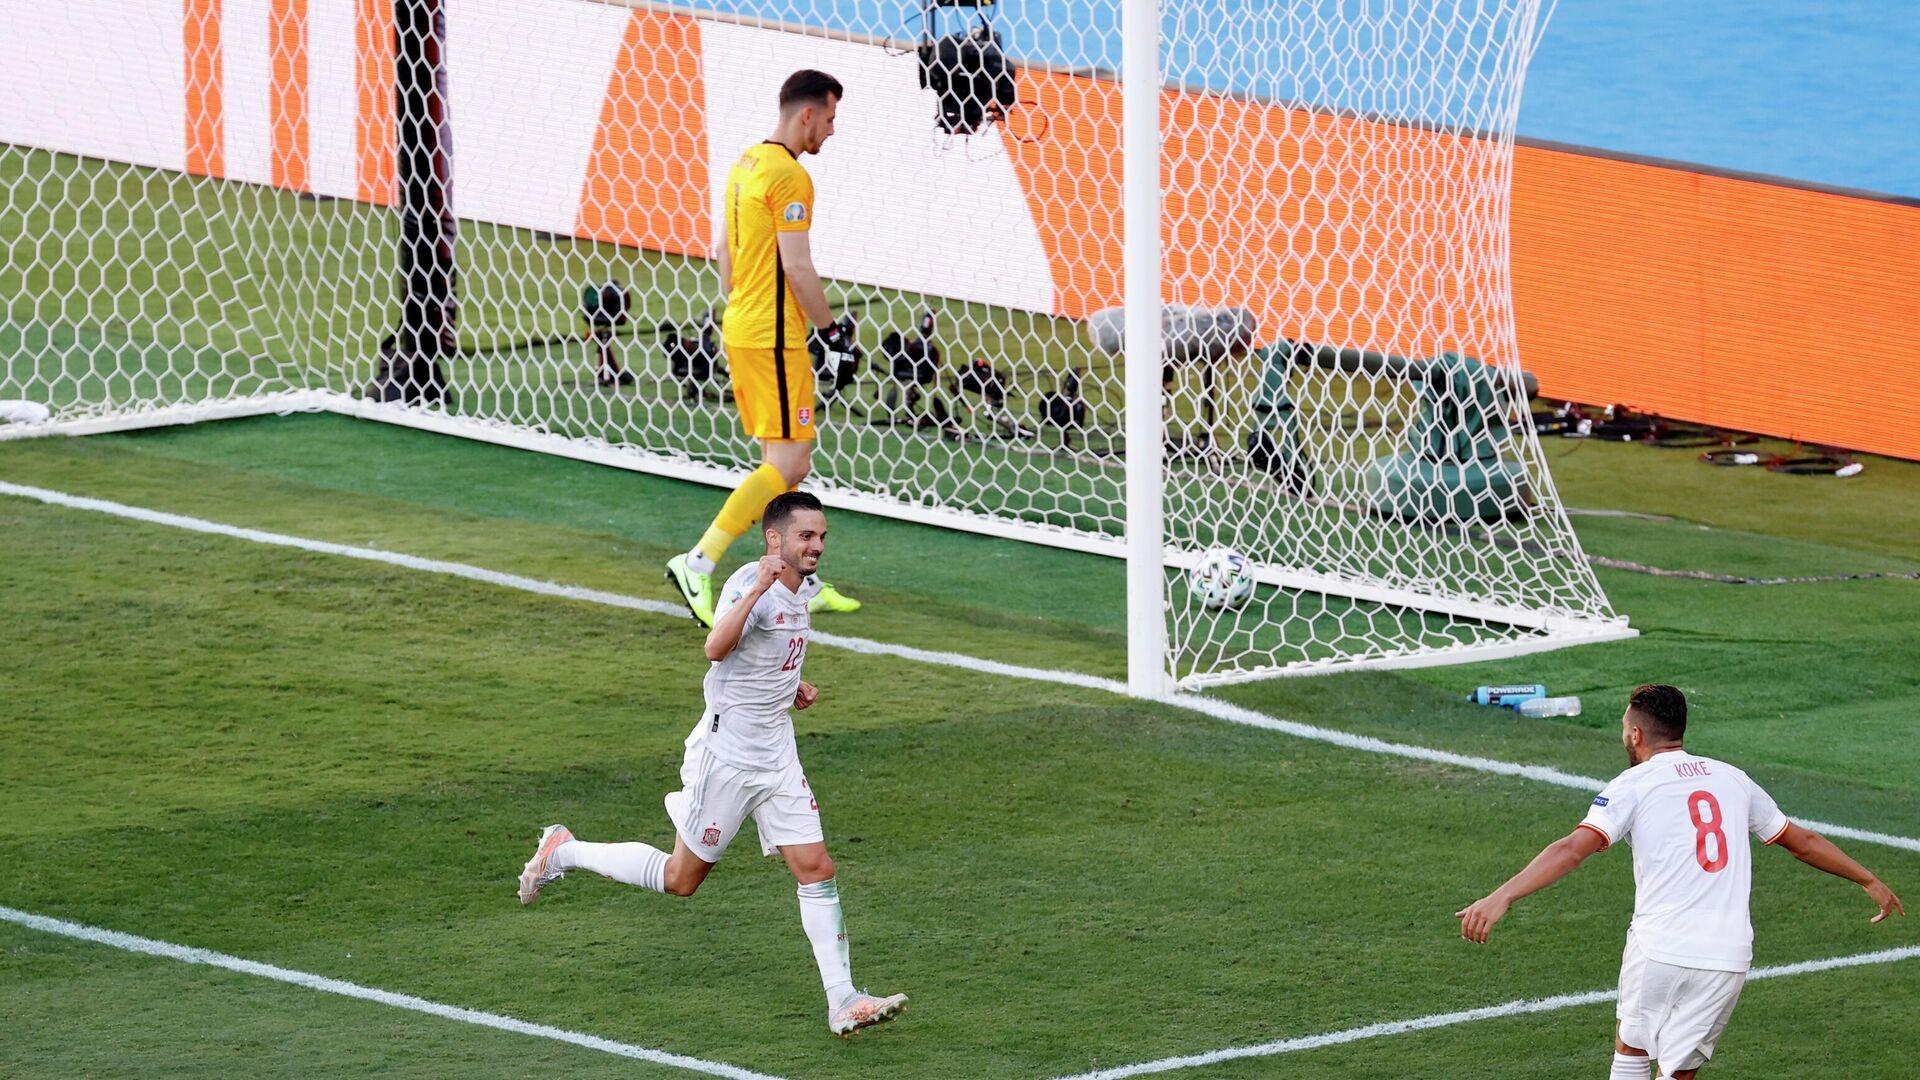 Игроки сборной Испании празднуют забитый мяч в ворота команды Словакии. - РИА Новости, 1920, 23.06.2021